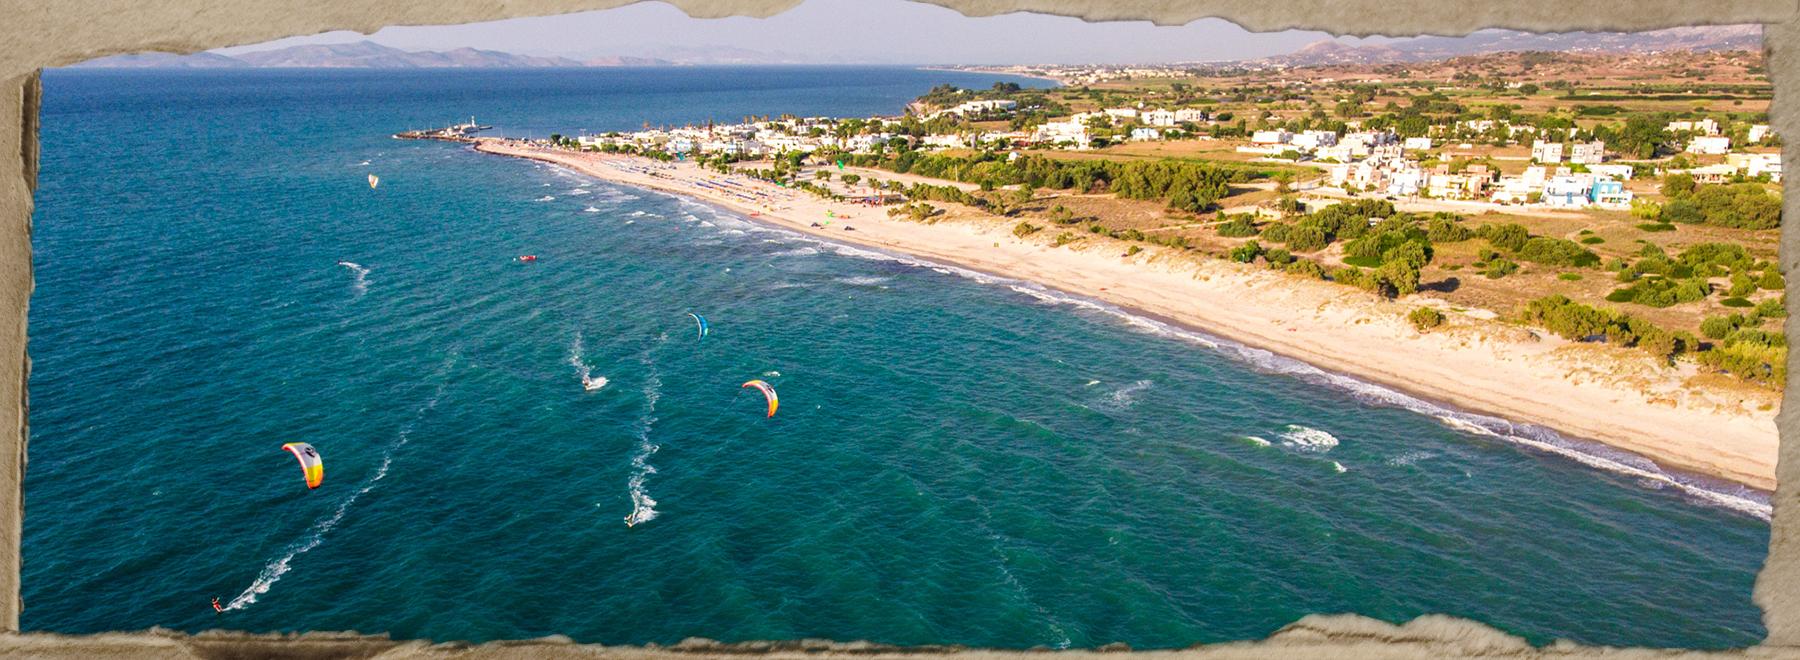 Kitesurfing holidays & kite camps